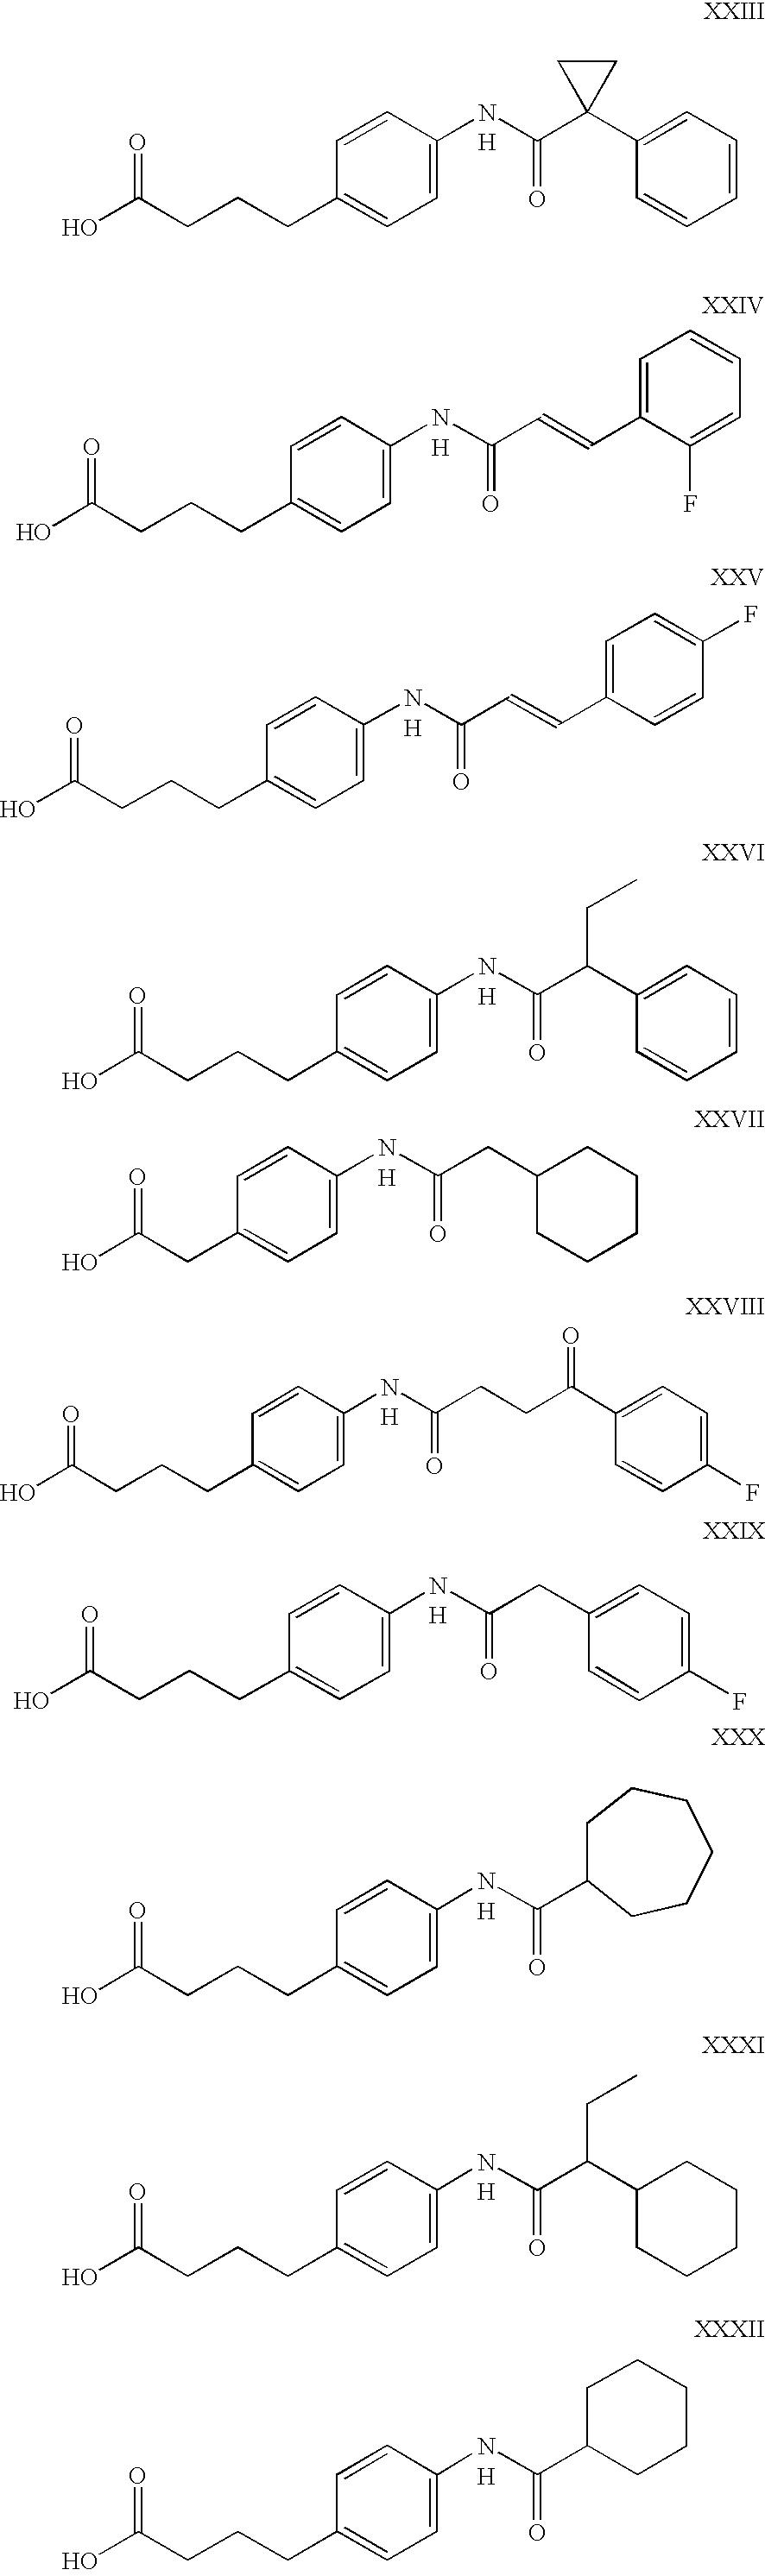 Figure US06610329-20030826-C00007